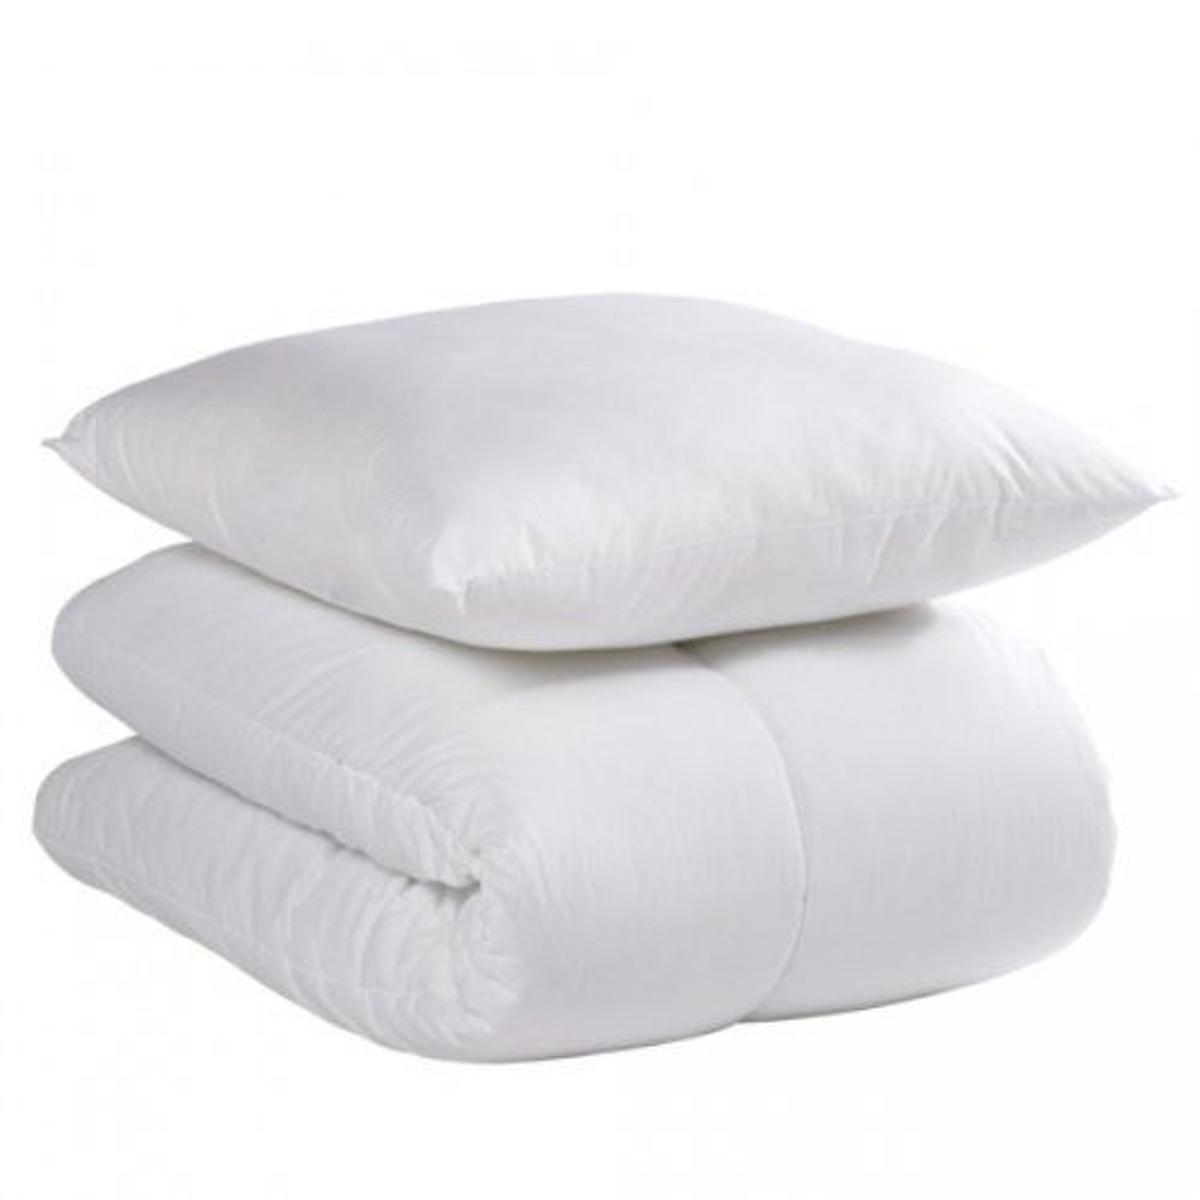 pack couette oreiller premium pour lit junior 140 70 cm vendu par la redoute 21918424. Black Bedroom Furniture Sets. Home Design Ideas